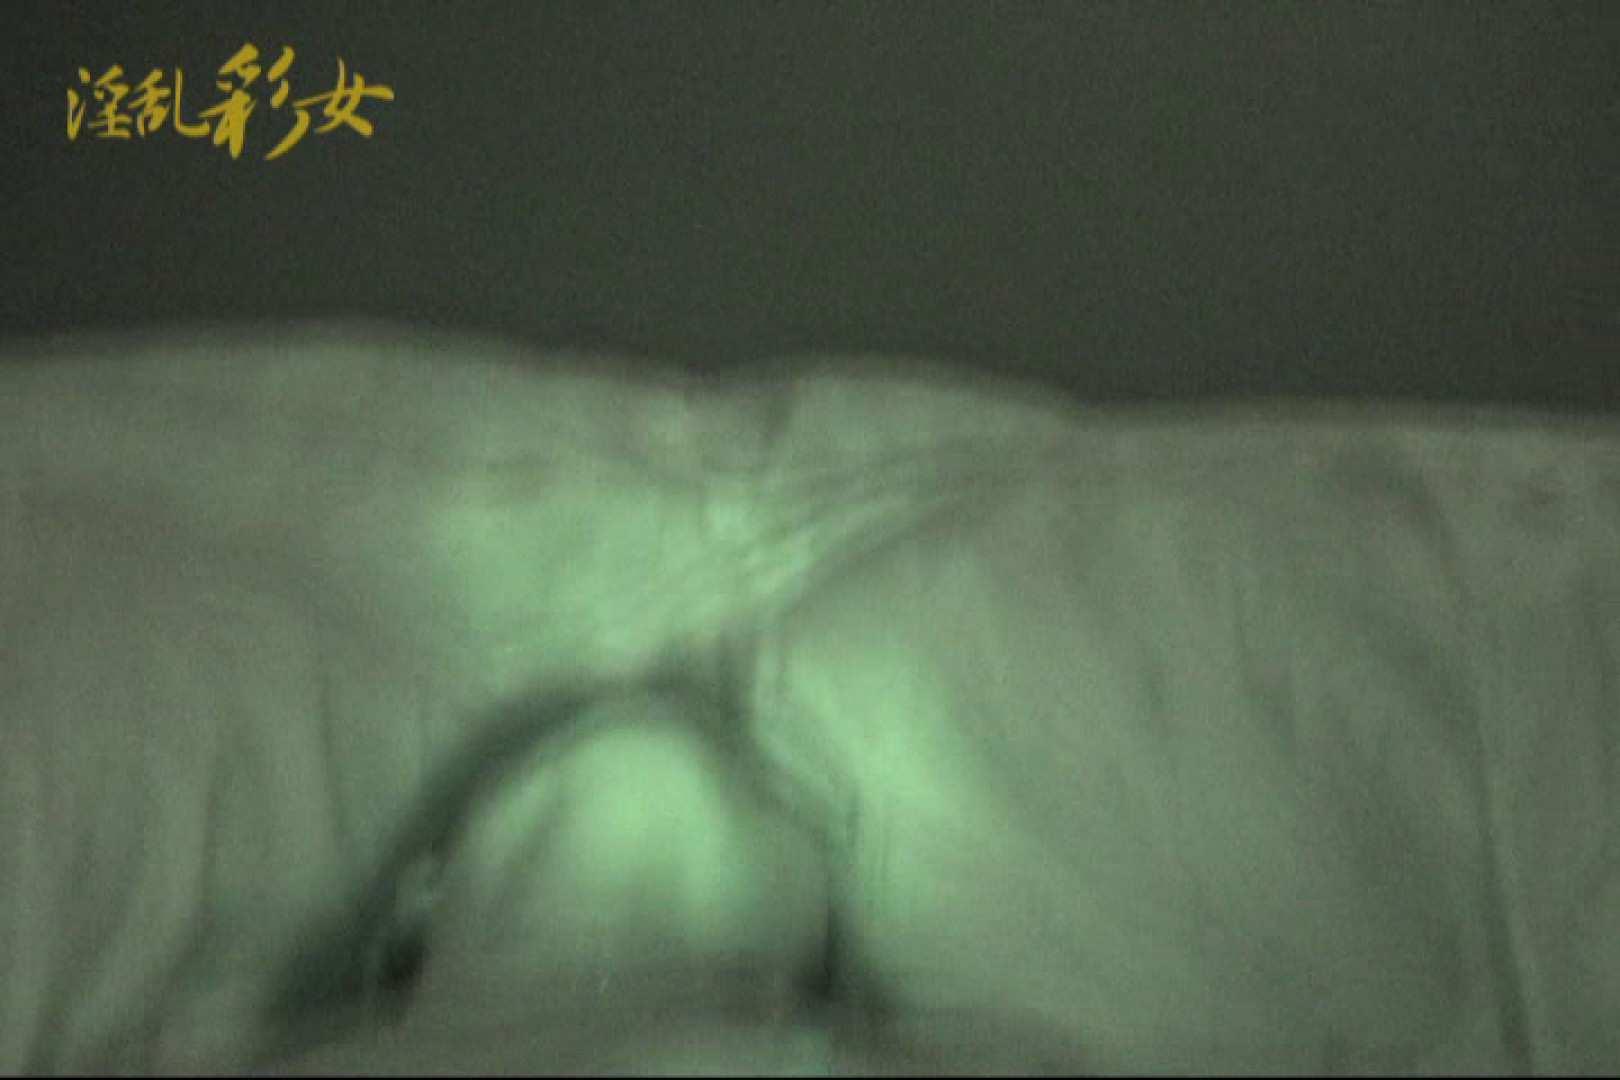 淫乱彩女 麻優里 禁断の彼氏2 一般投稿  77連発 2